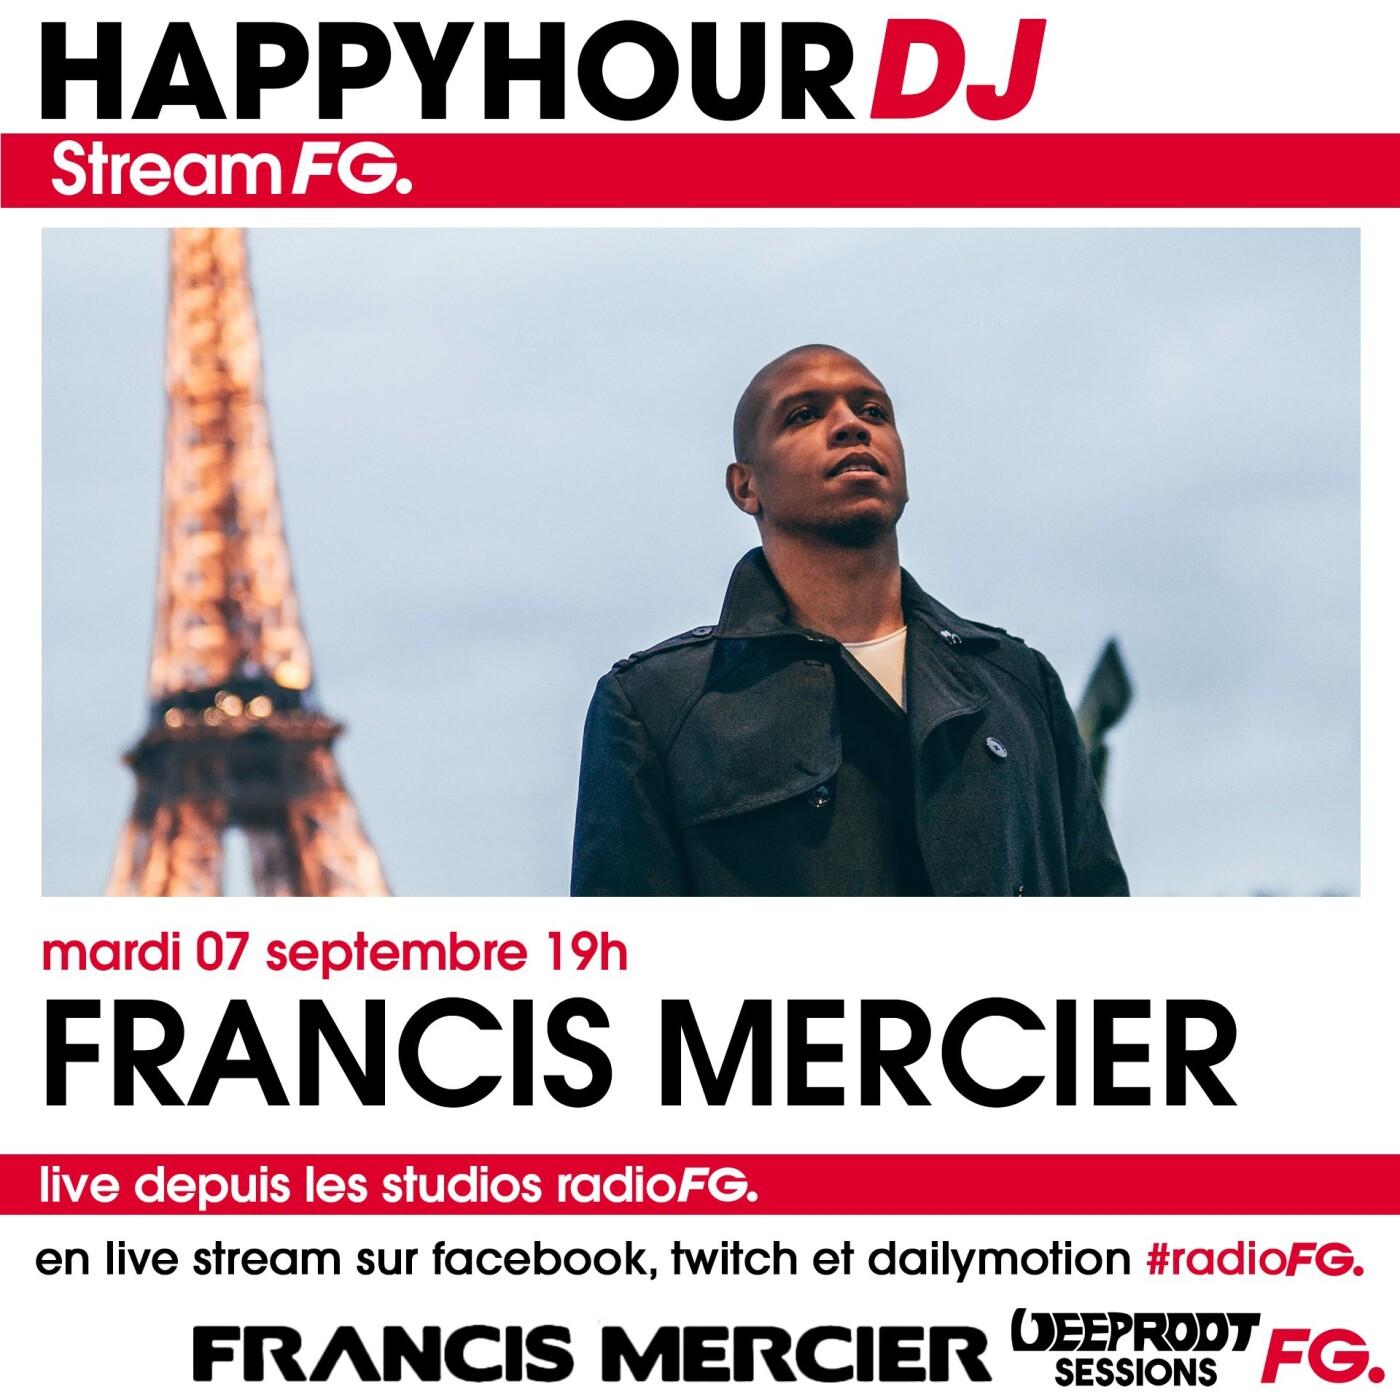 HAPPY HOUR DJ : FRANCIS MERCIER